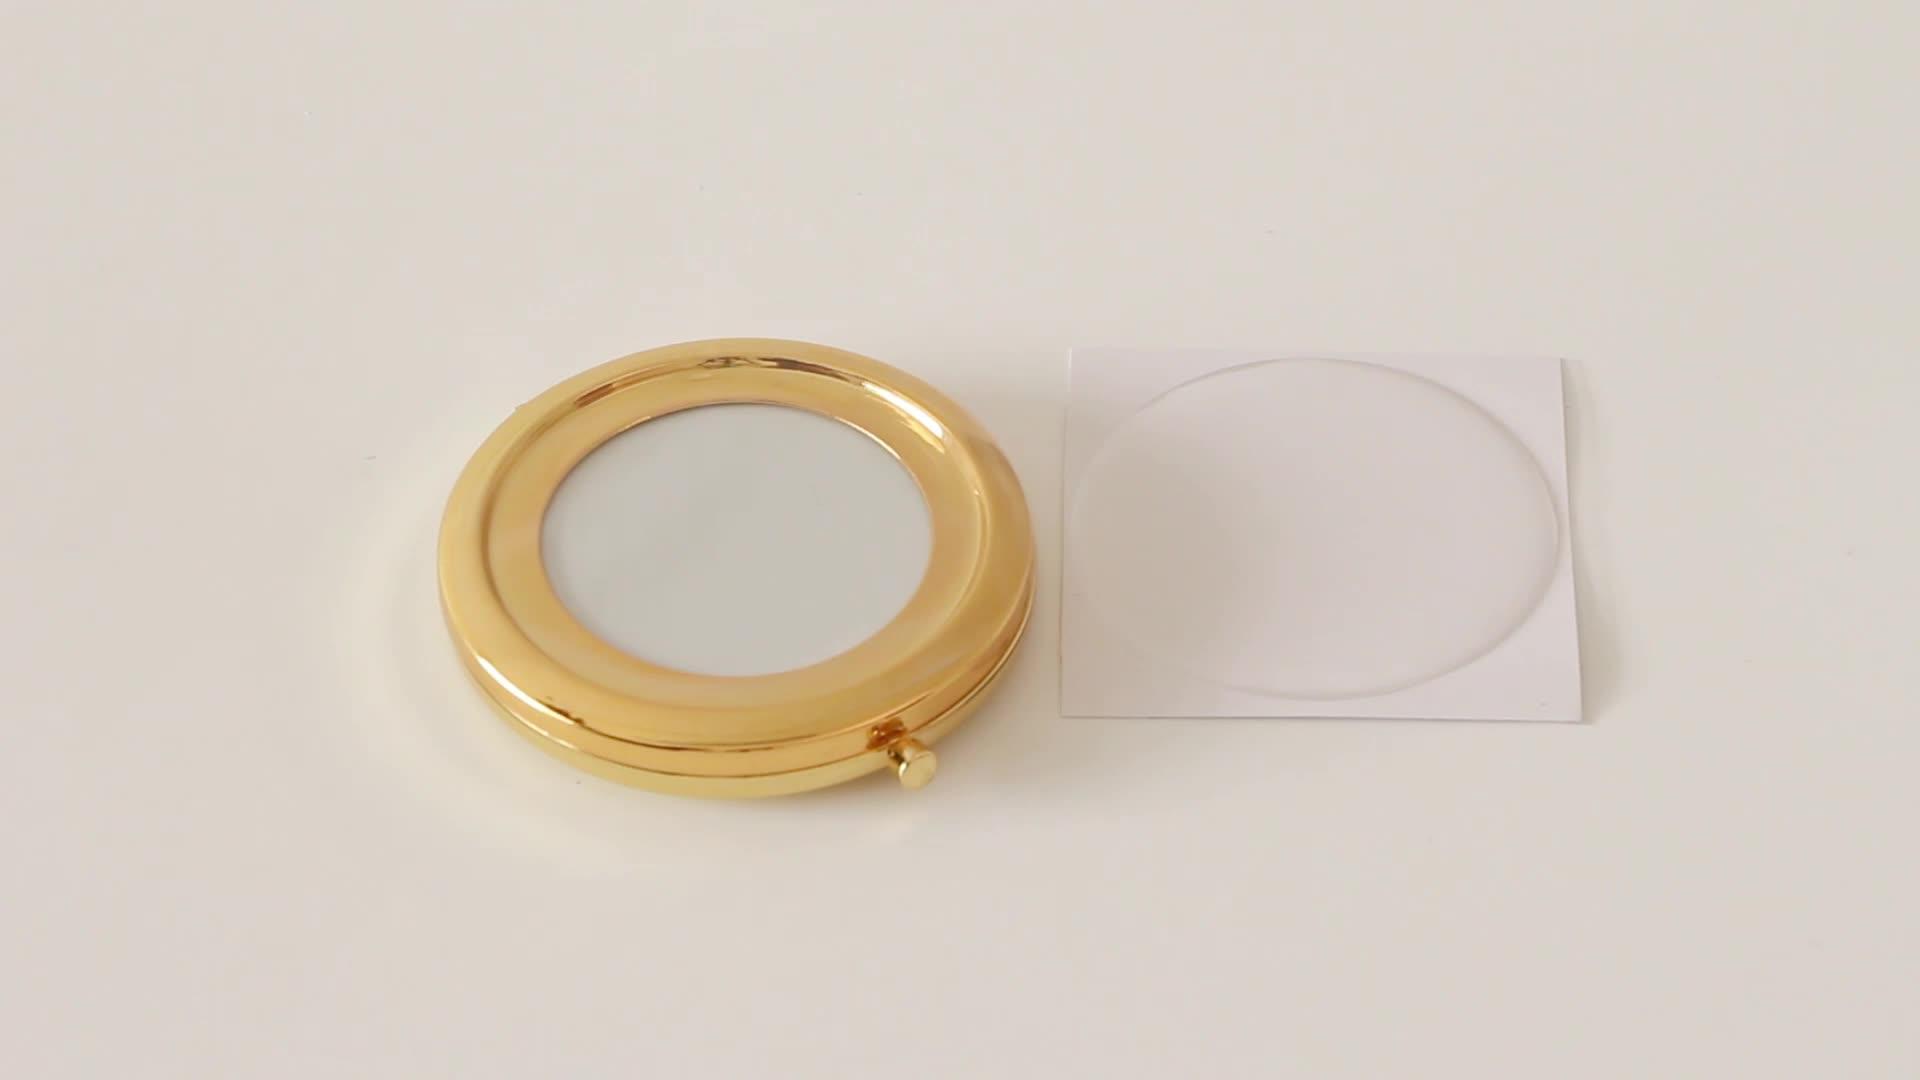 Oro plegable espejo compacto viene con resina epoxi etiqueta engomada